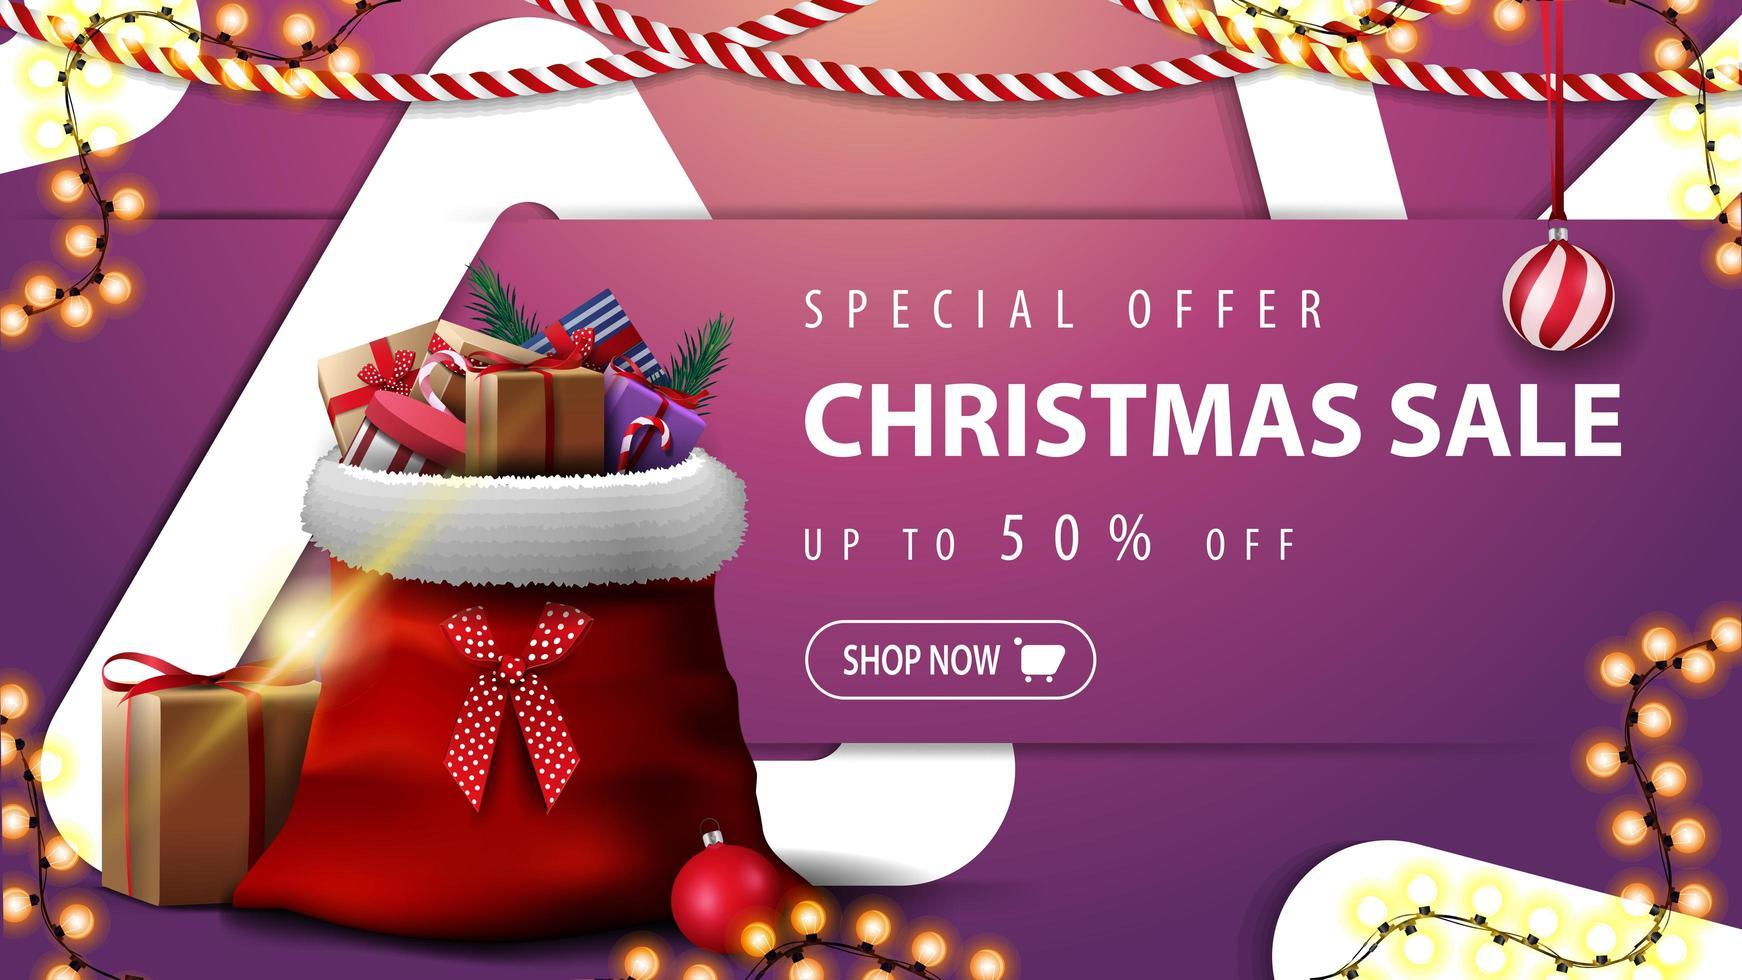 speciale aanbieding, kerstuitverkoop, tot 50 korting, roze kortingsbanner met grote driehoeken die verweven zijn met de achtergrond en kerstmanzak met cadeautjes vector